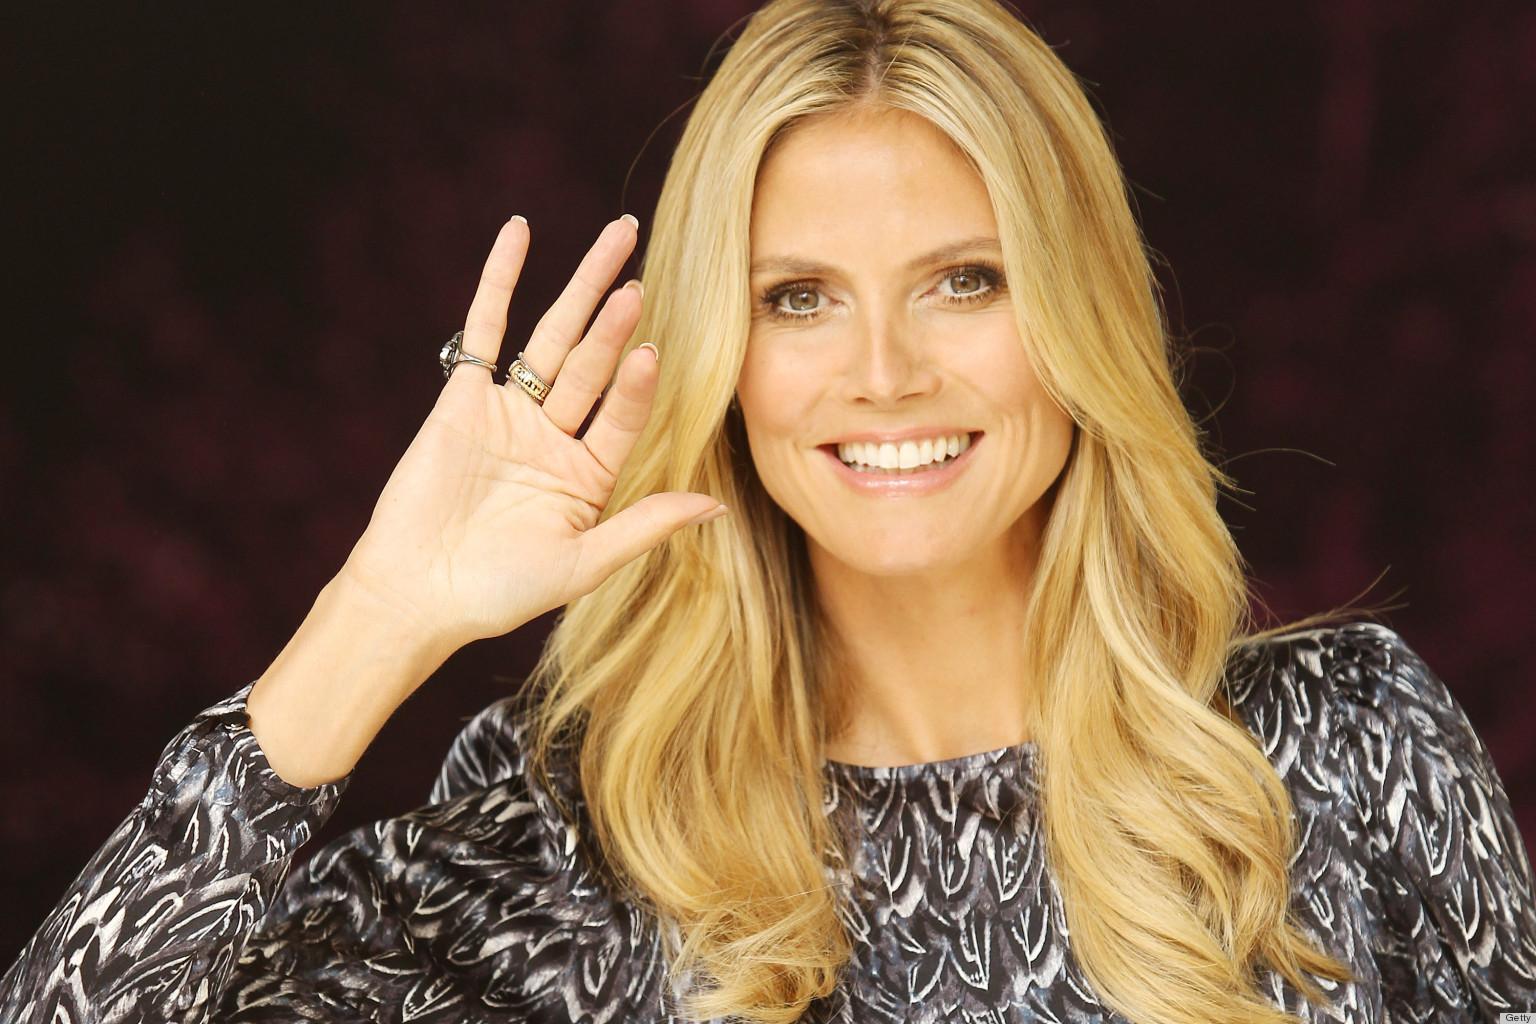 Heidi Klum: Heidi Klum Ring Isn't Engagement Bling, So Everyone Calm